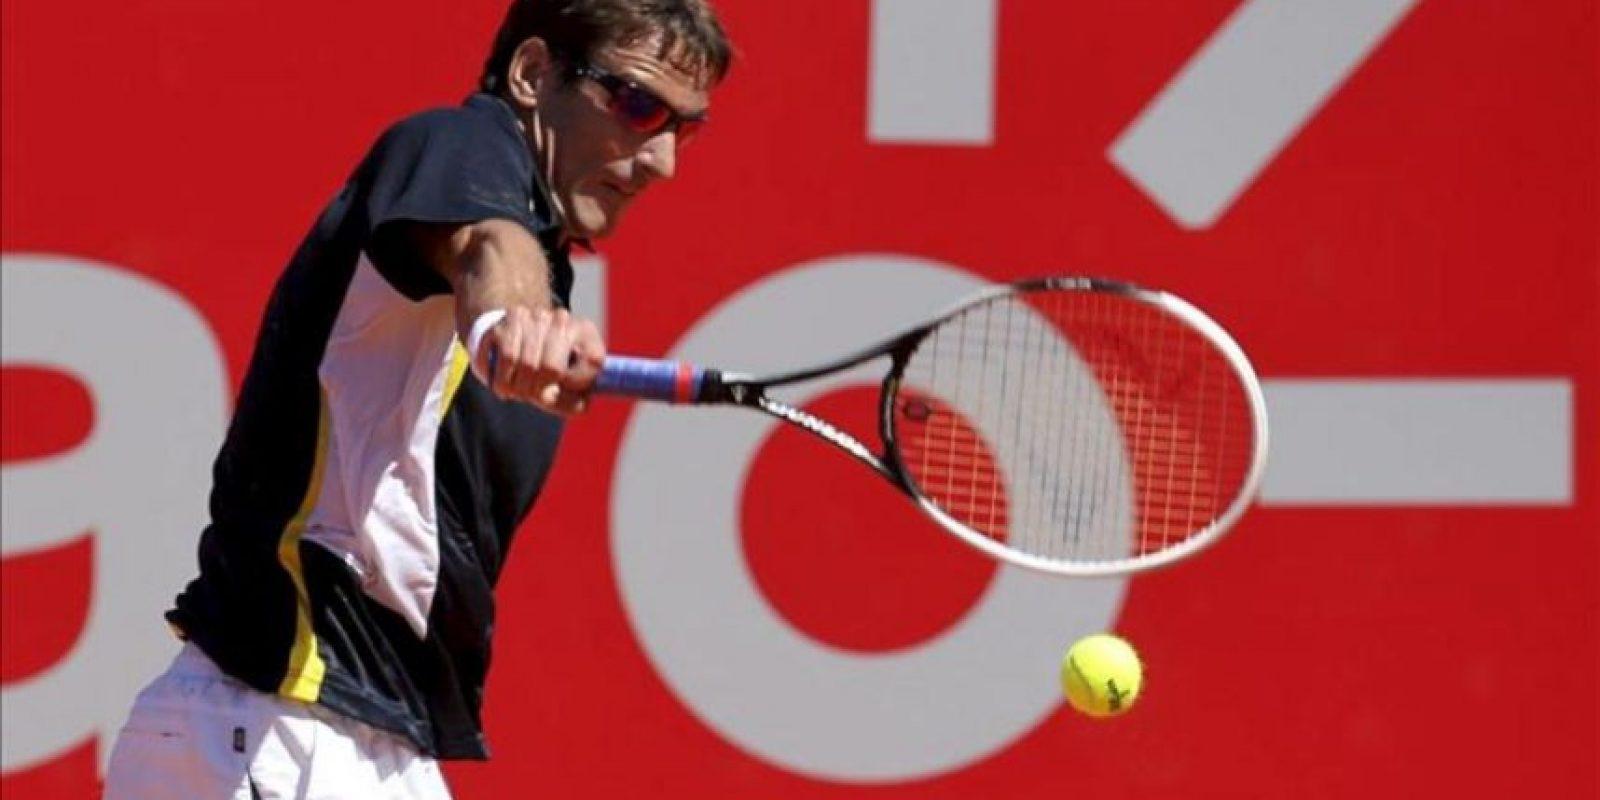 El español Tommy Robredo durante un partido de cuartos de final del ATP 250 de Buenos Aires Copa Claro disputado ante el alemán Julian Reister este 22 de febrero, en el Lawn Tenis Club de Buenos Aires (Argentina). EFE